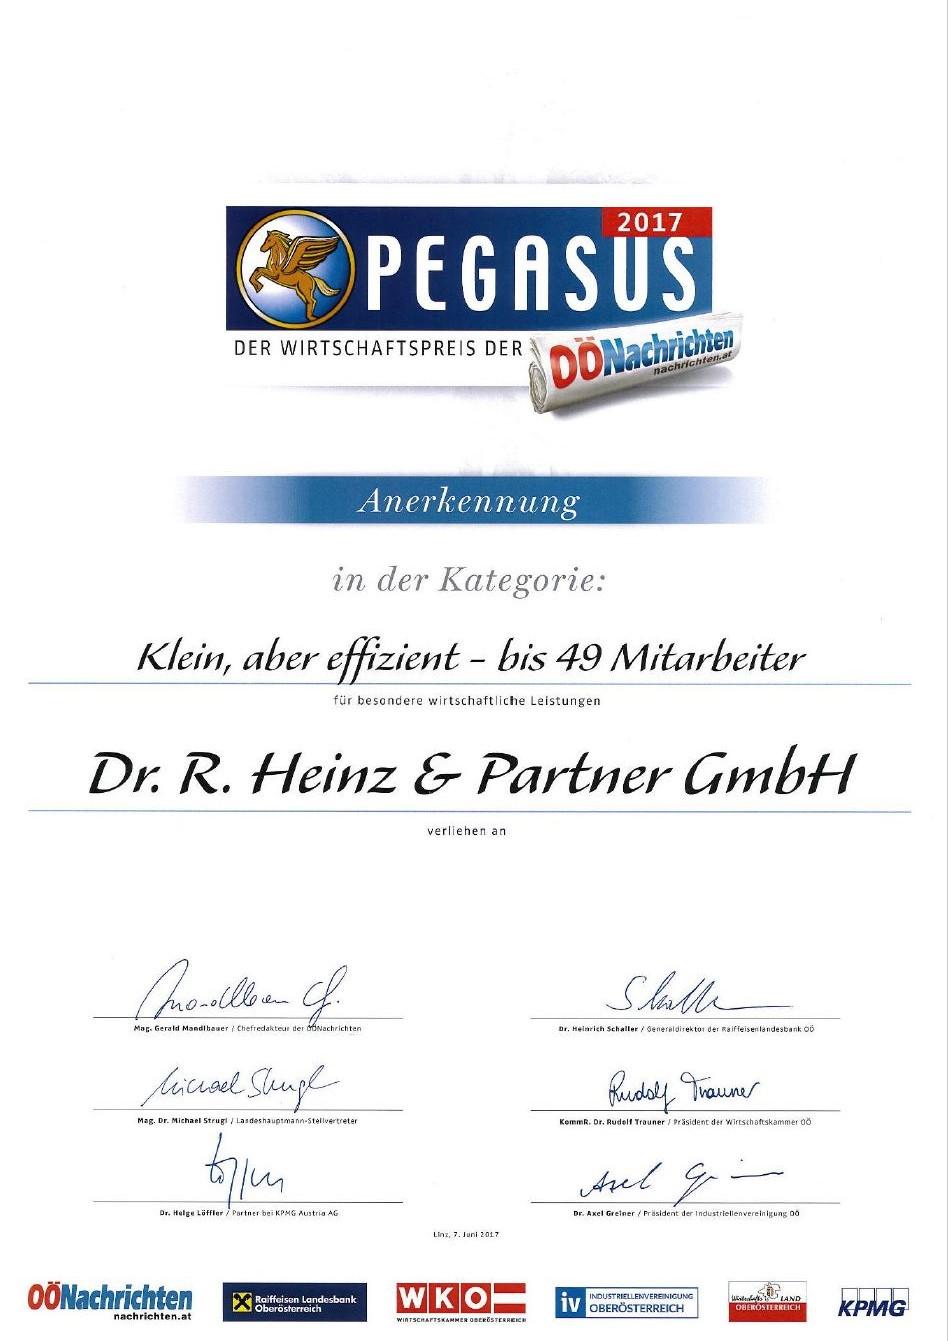 Pegasus Zertifikat 2017